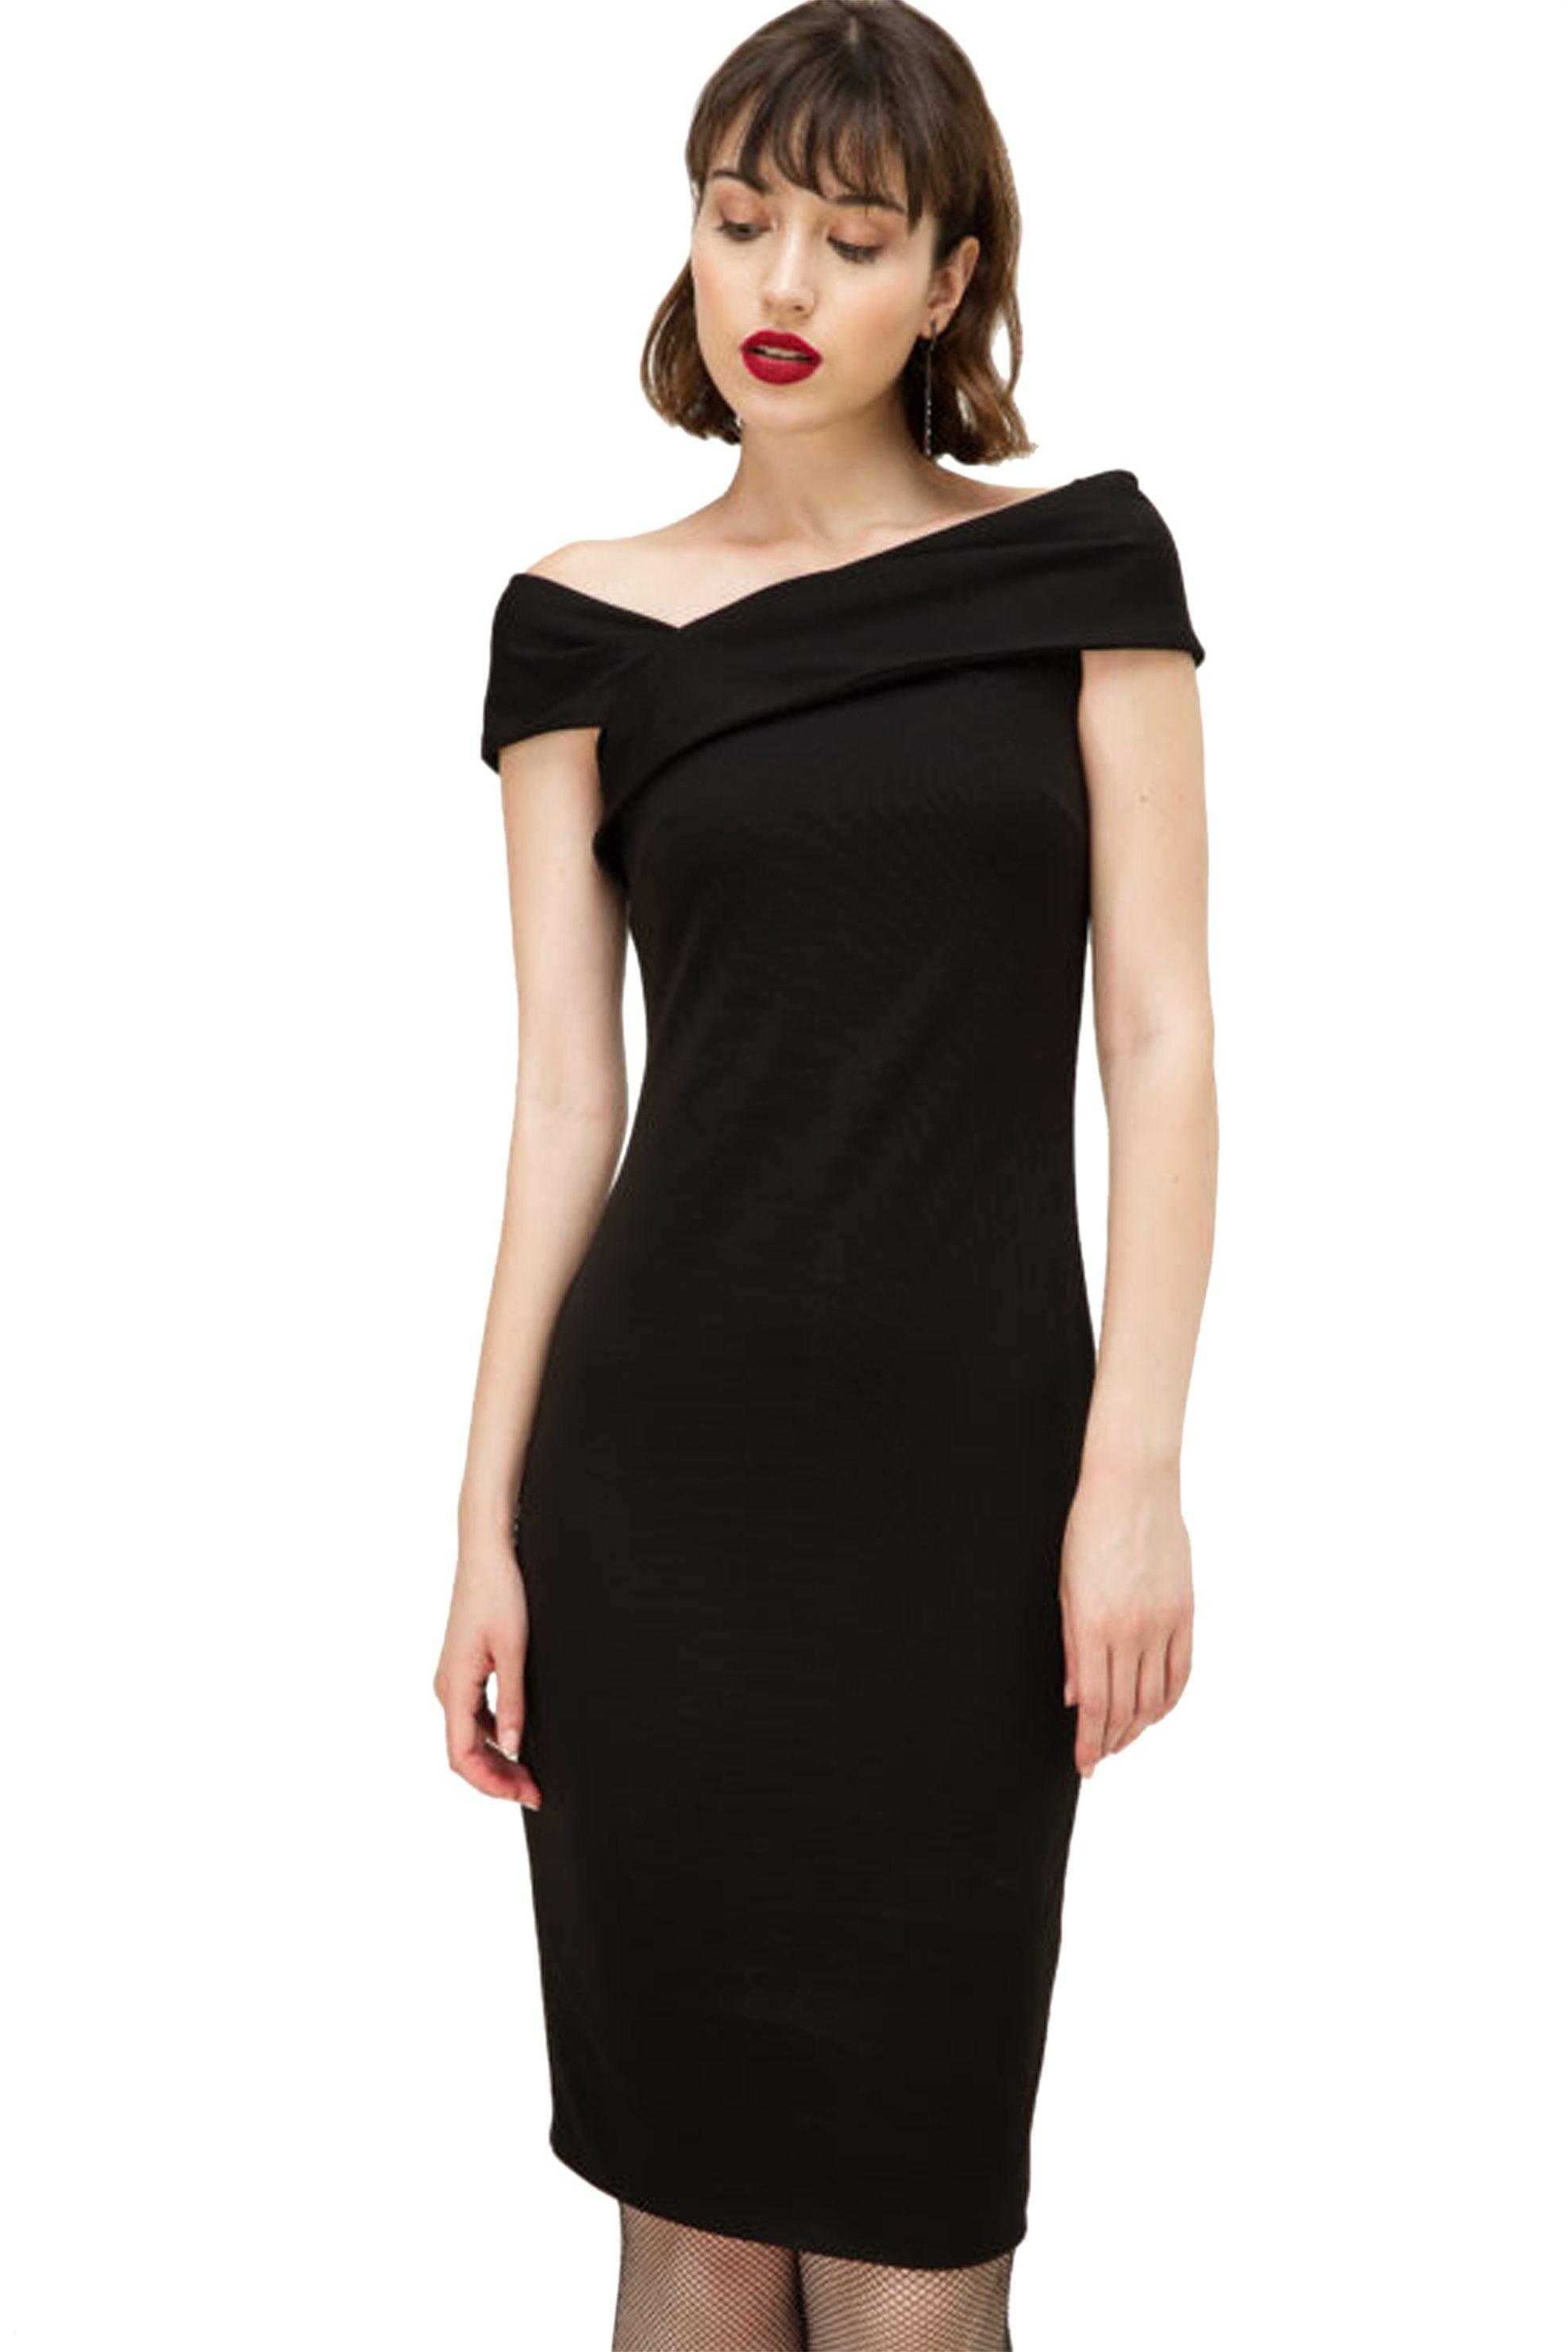 Billy Sabbado γυναικείο φόρεμα μονόχρωμο με ακάλυπτους ώμους - 0191952673 - Μαύρ γυναικα   ρουχα   φορέματα   mini φορέματα